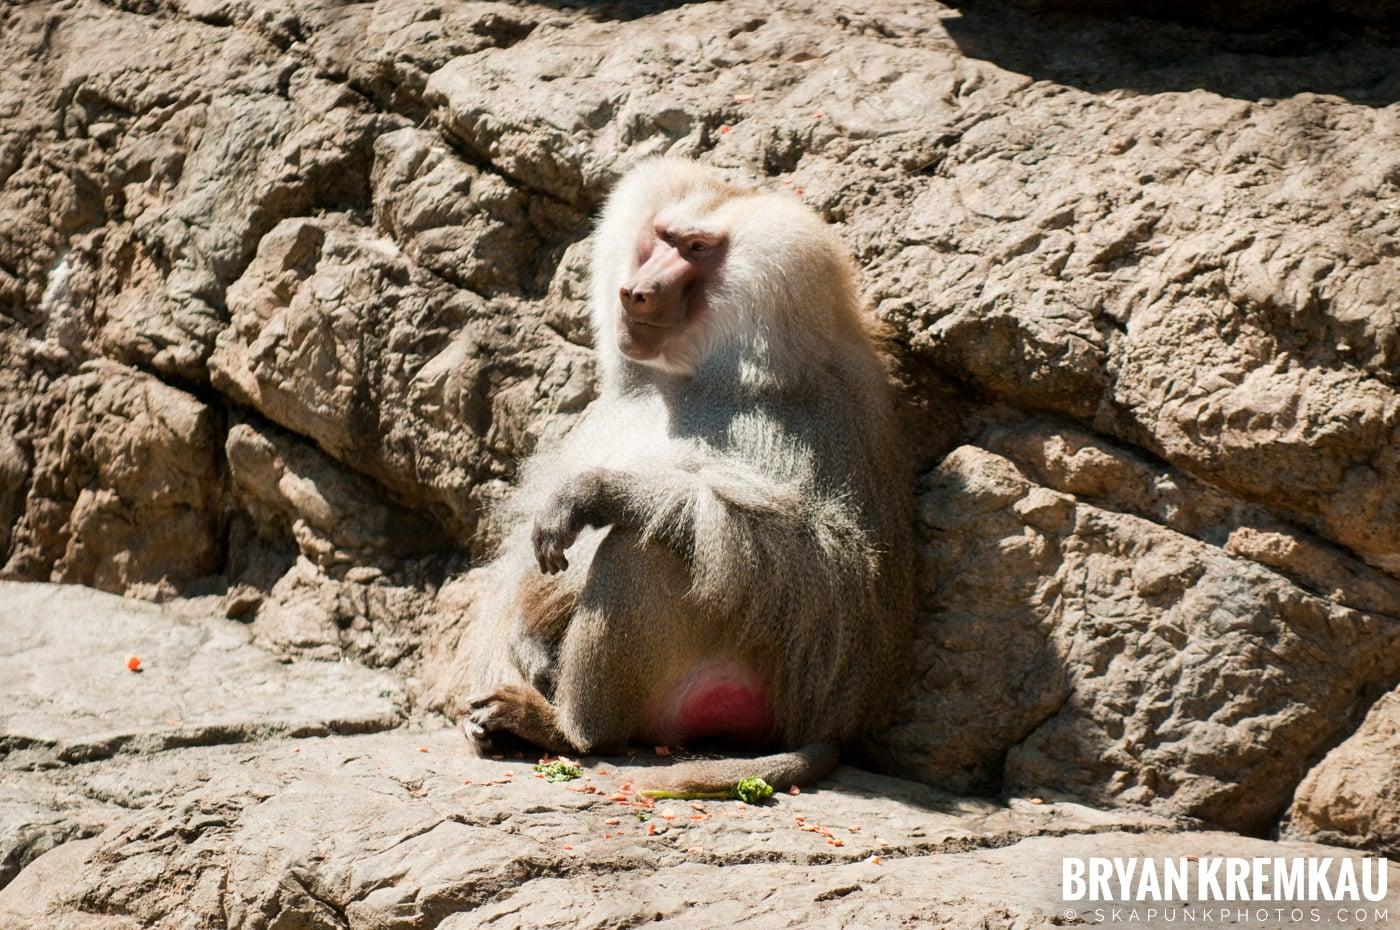 Brooklyn Botanic Garden & Prospect Park Zoo @ Brooklyn, NY - 4.6.12 (15)